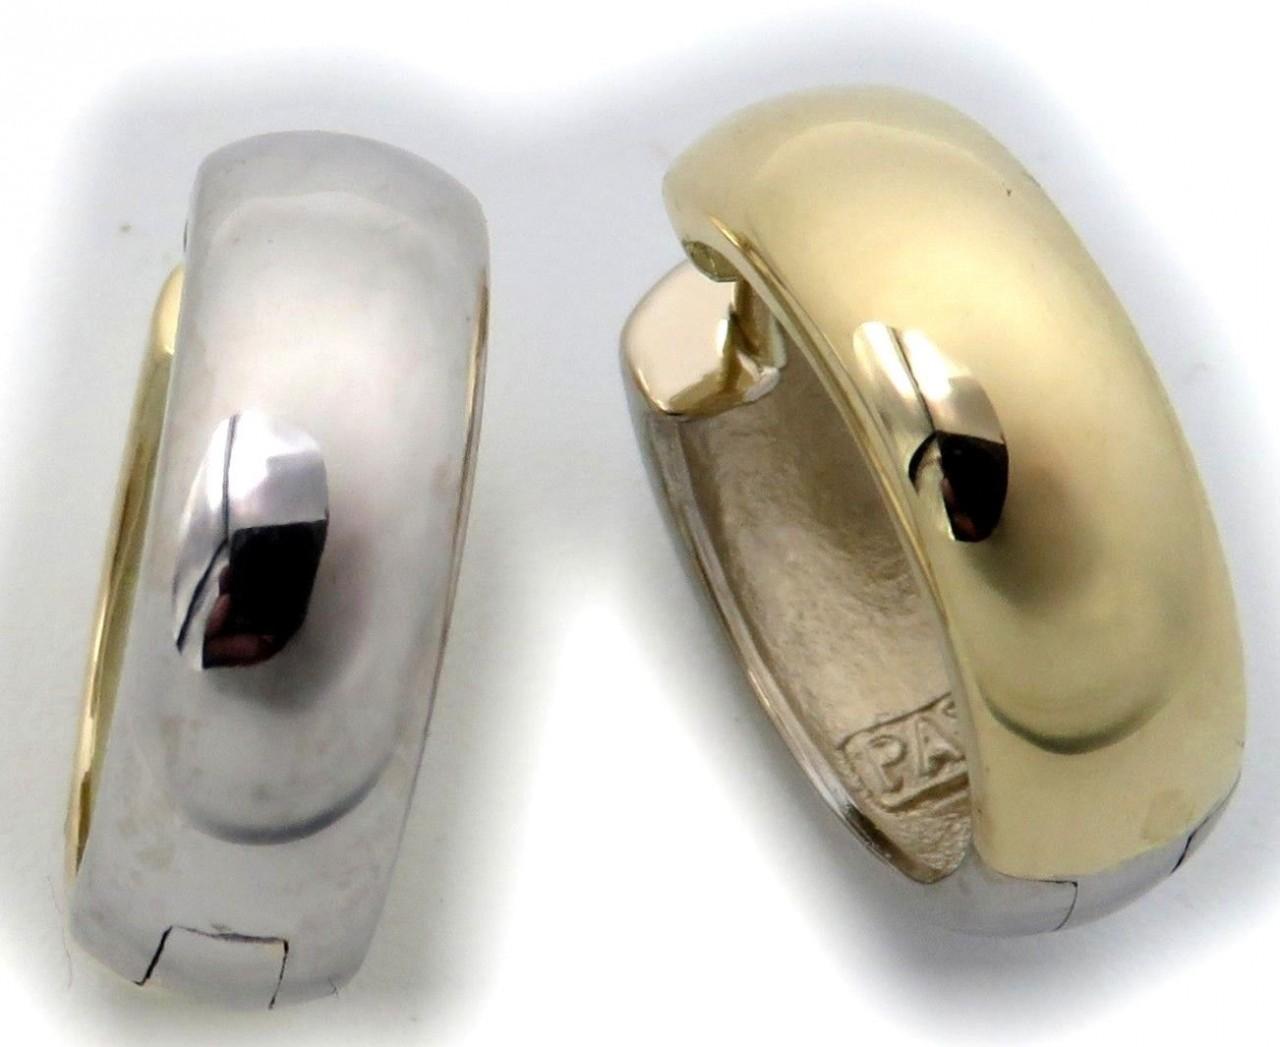 Neu Damen Ohrringe Klapp Creolen Gold 333 Bicolor gelb weiß gewölbt 16mm 8 karat